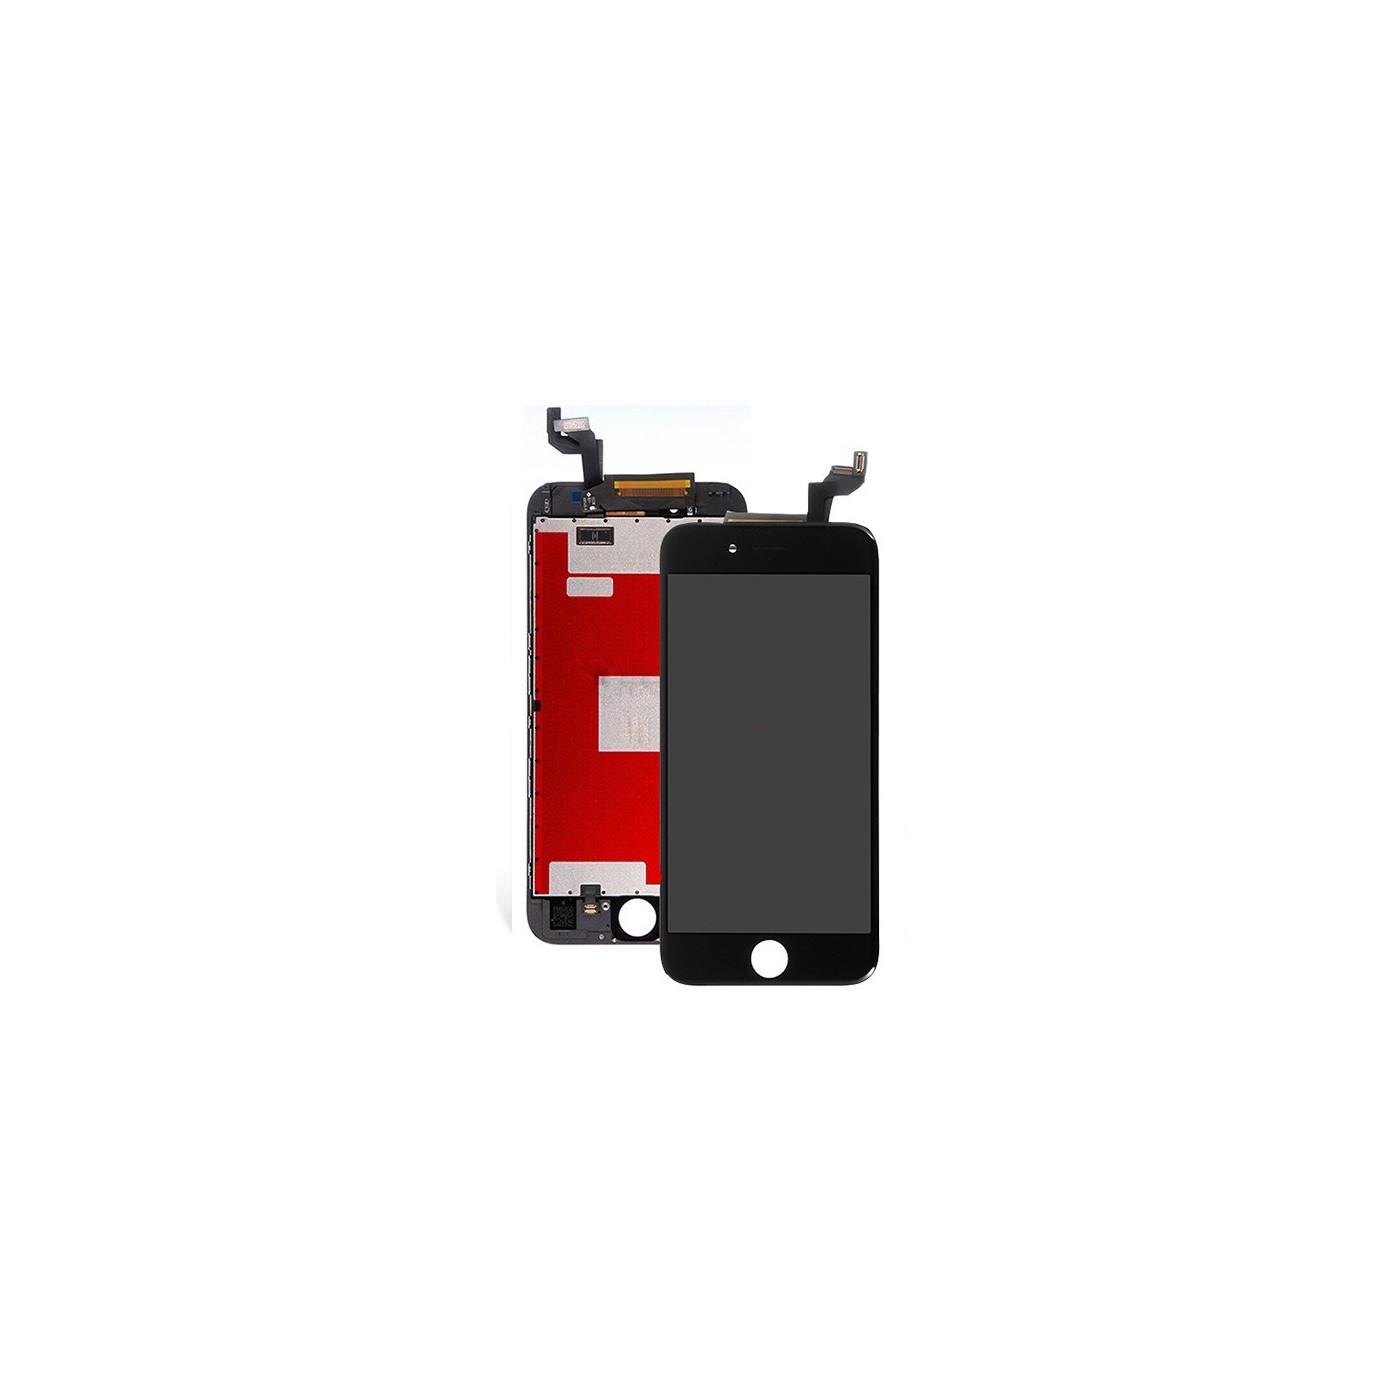 TOUCH GLASS LCD DISPLAY für Apple iPhone 6S PLUS SCHWARZ ORIGINAL SCREEN